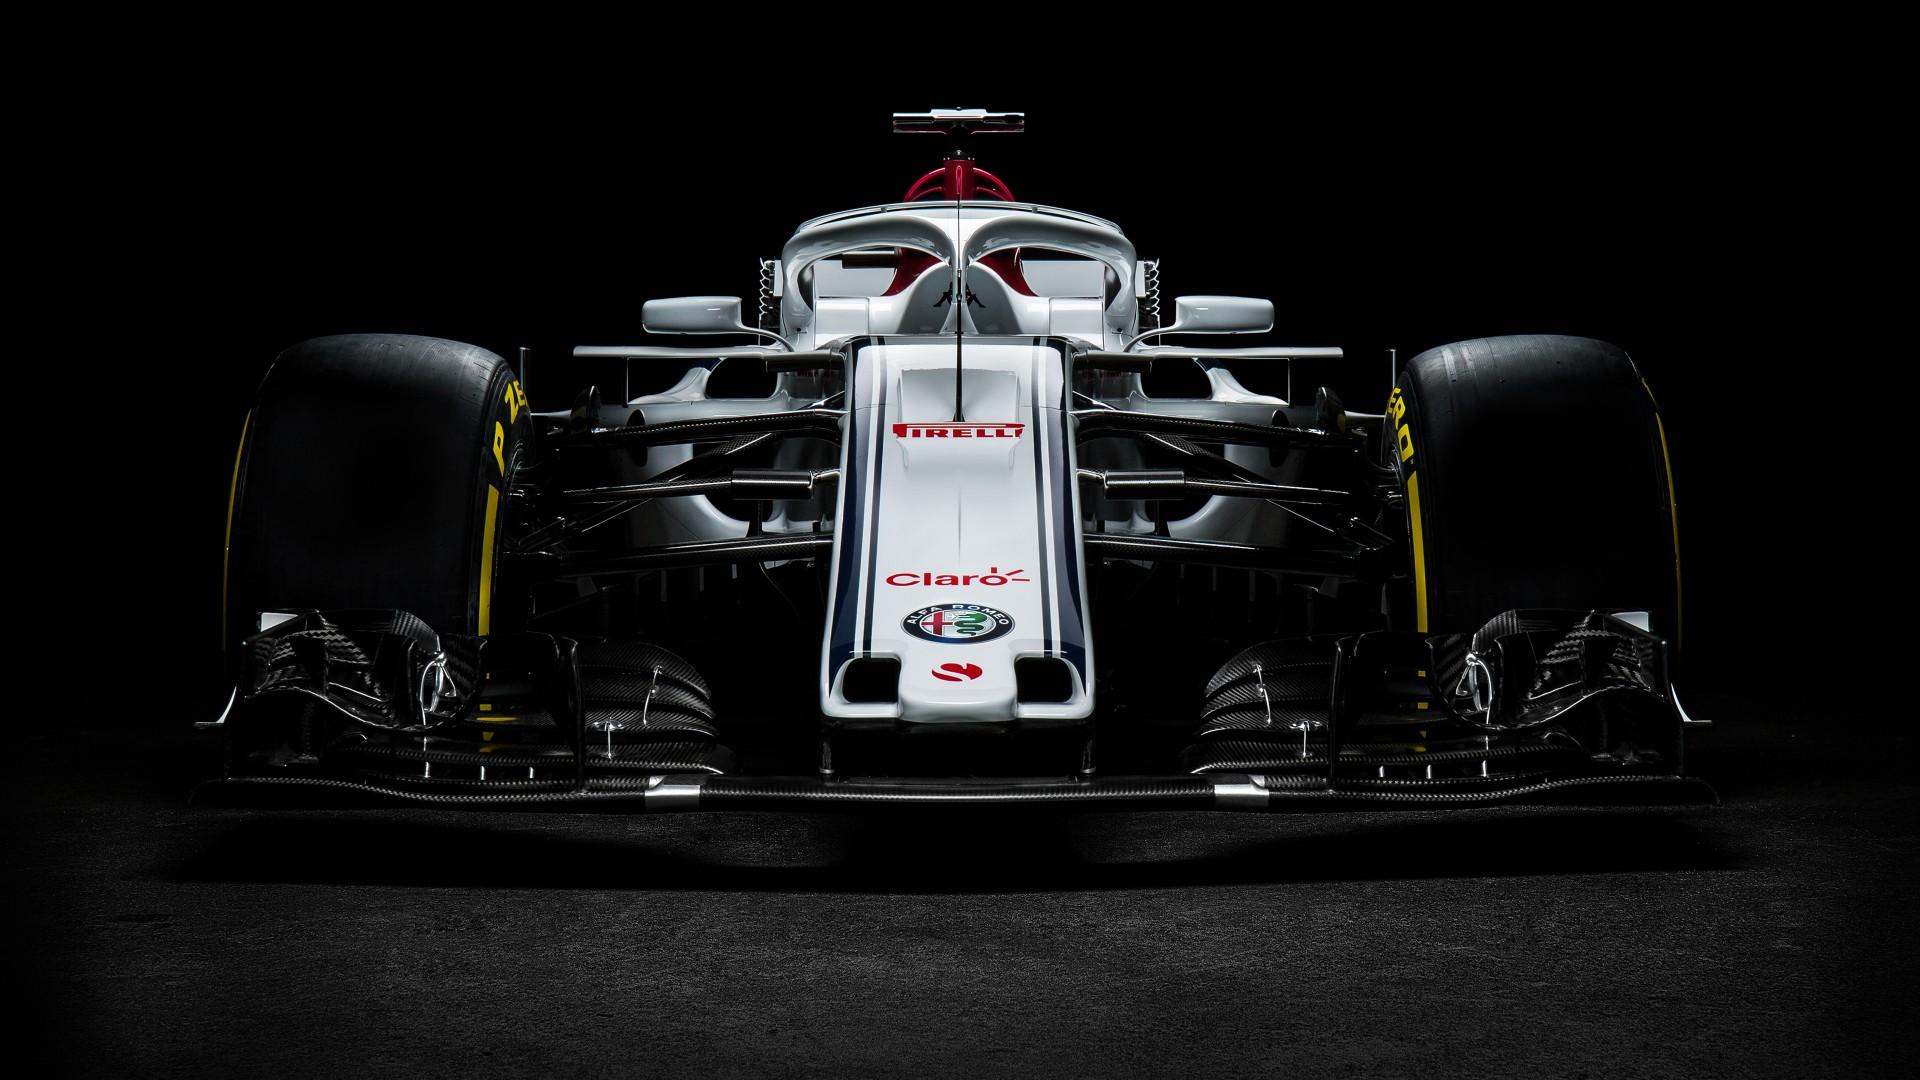 2018 Sauber C36 F1 Formula1 Car 4K 3 Wallpaper | HD Car ...